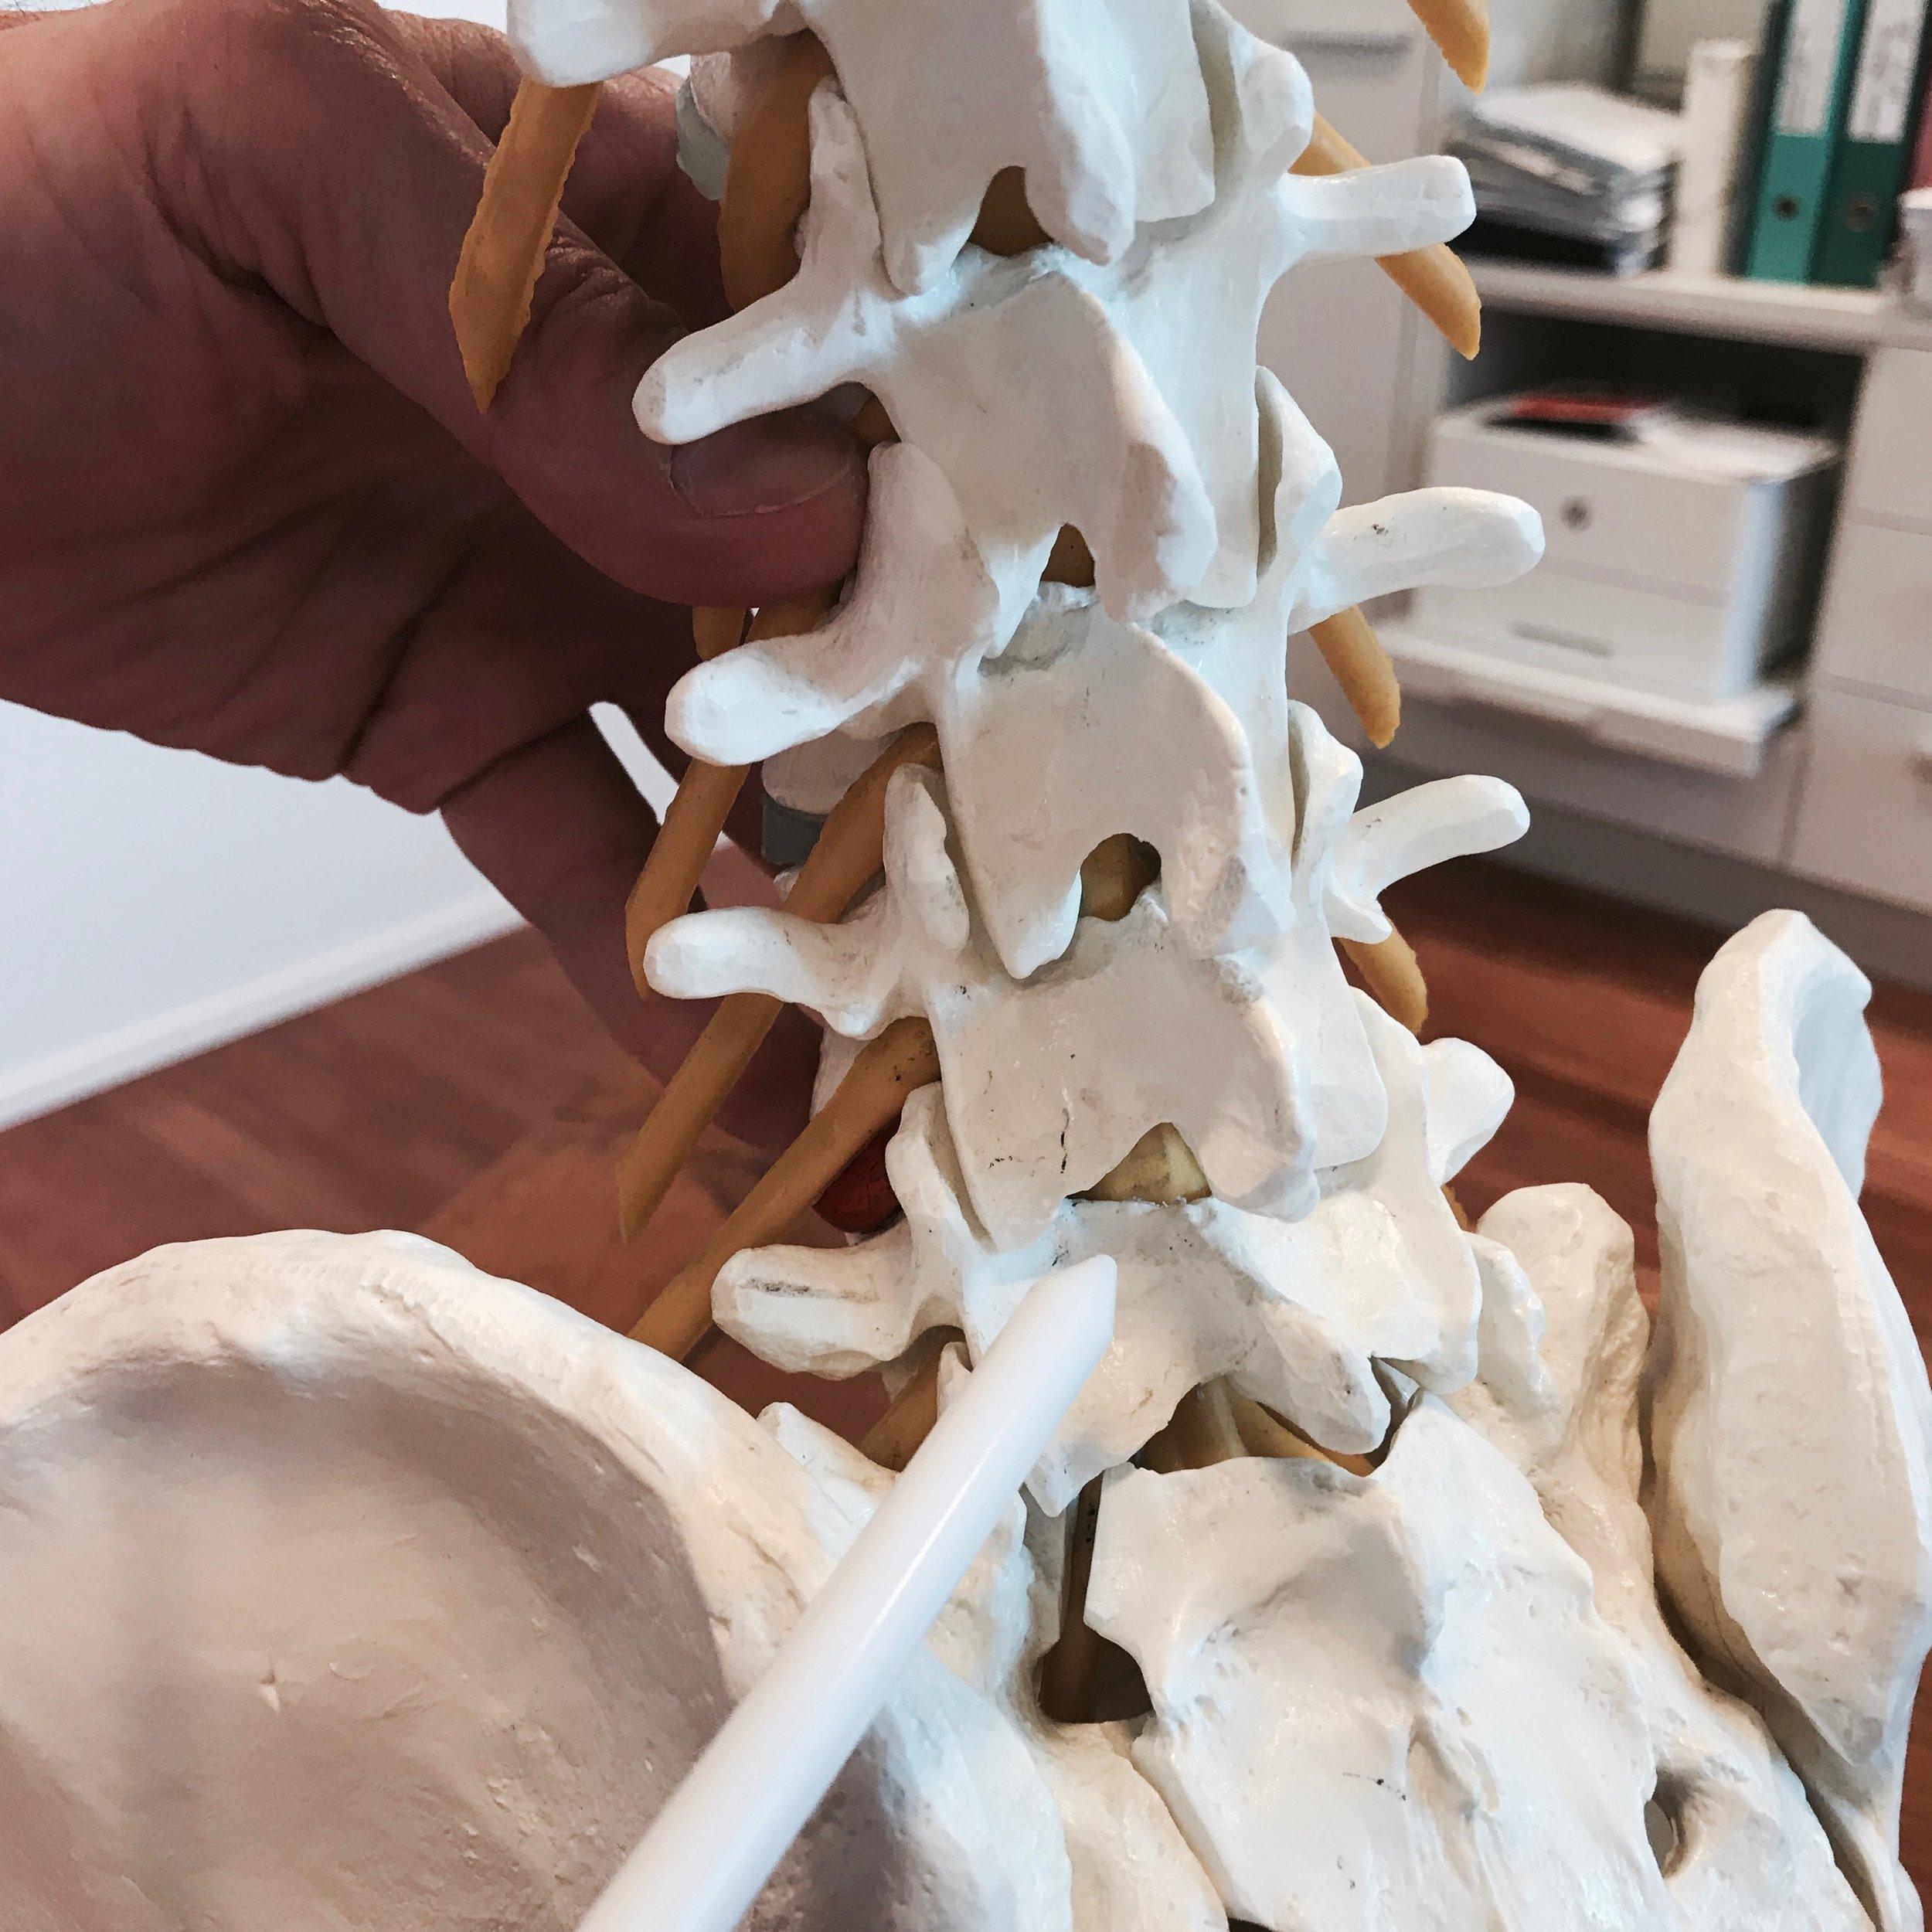 Operative Therapien beim Bandscheiben-Vorfall - Bei operativen Bandscheiben-Therapien kommen verschiedene, insbesondere unter dem Mikroskop (Mikrodiskektomie) vorgenommene Operations-Techniken oder die mikrochirurgische Schlüssellochtechnik zur Anwendung.